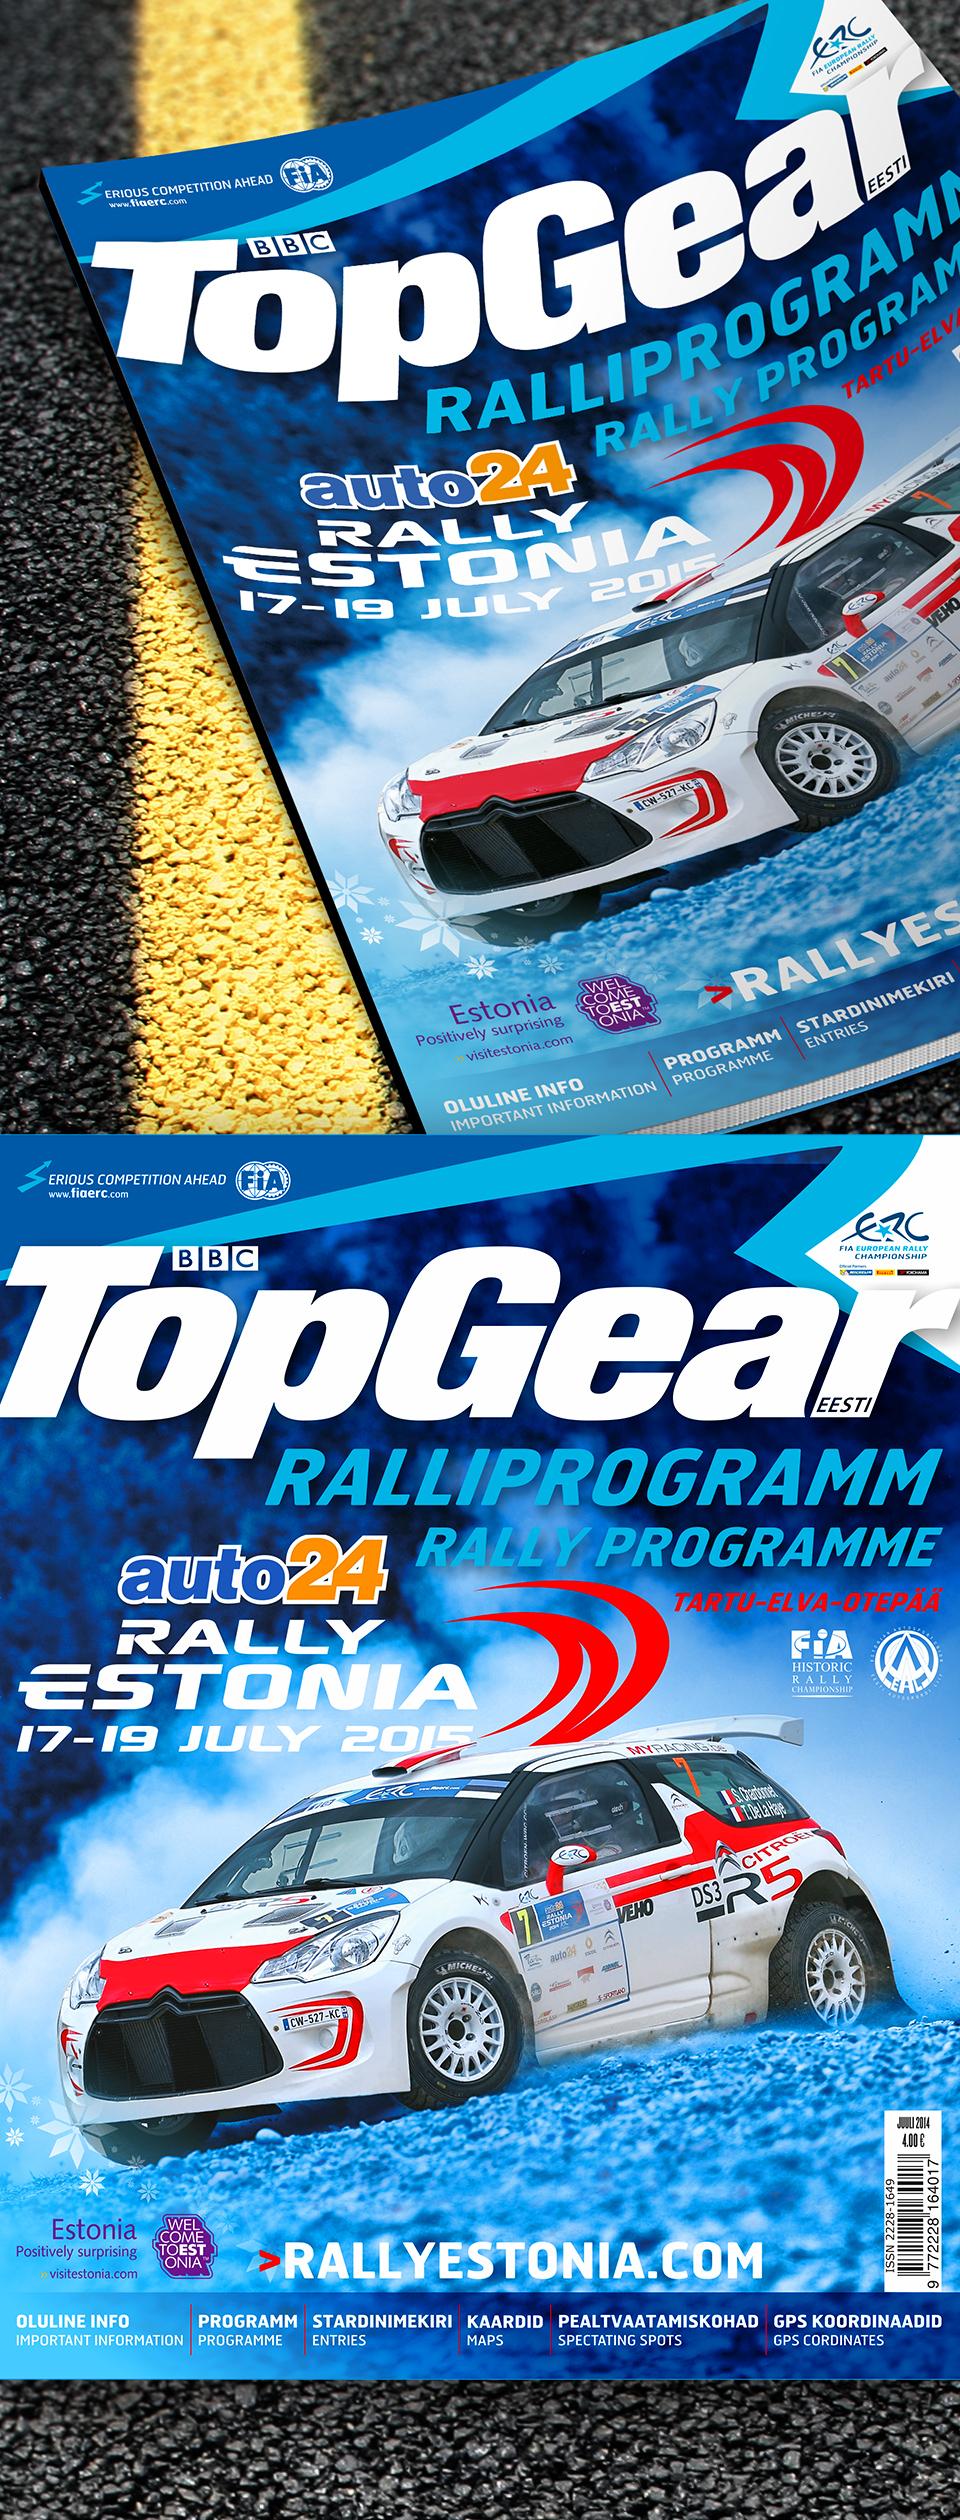 RallyEstonia-TopGear